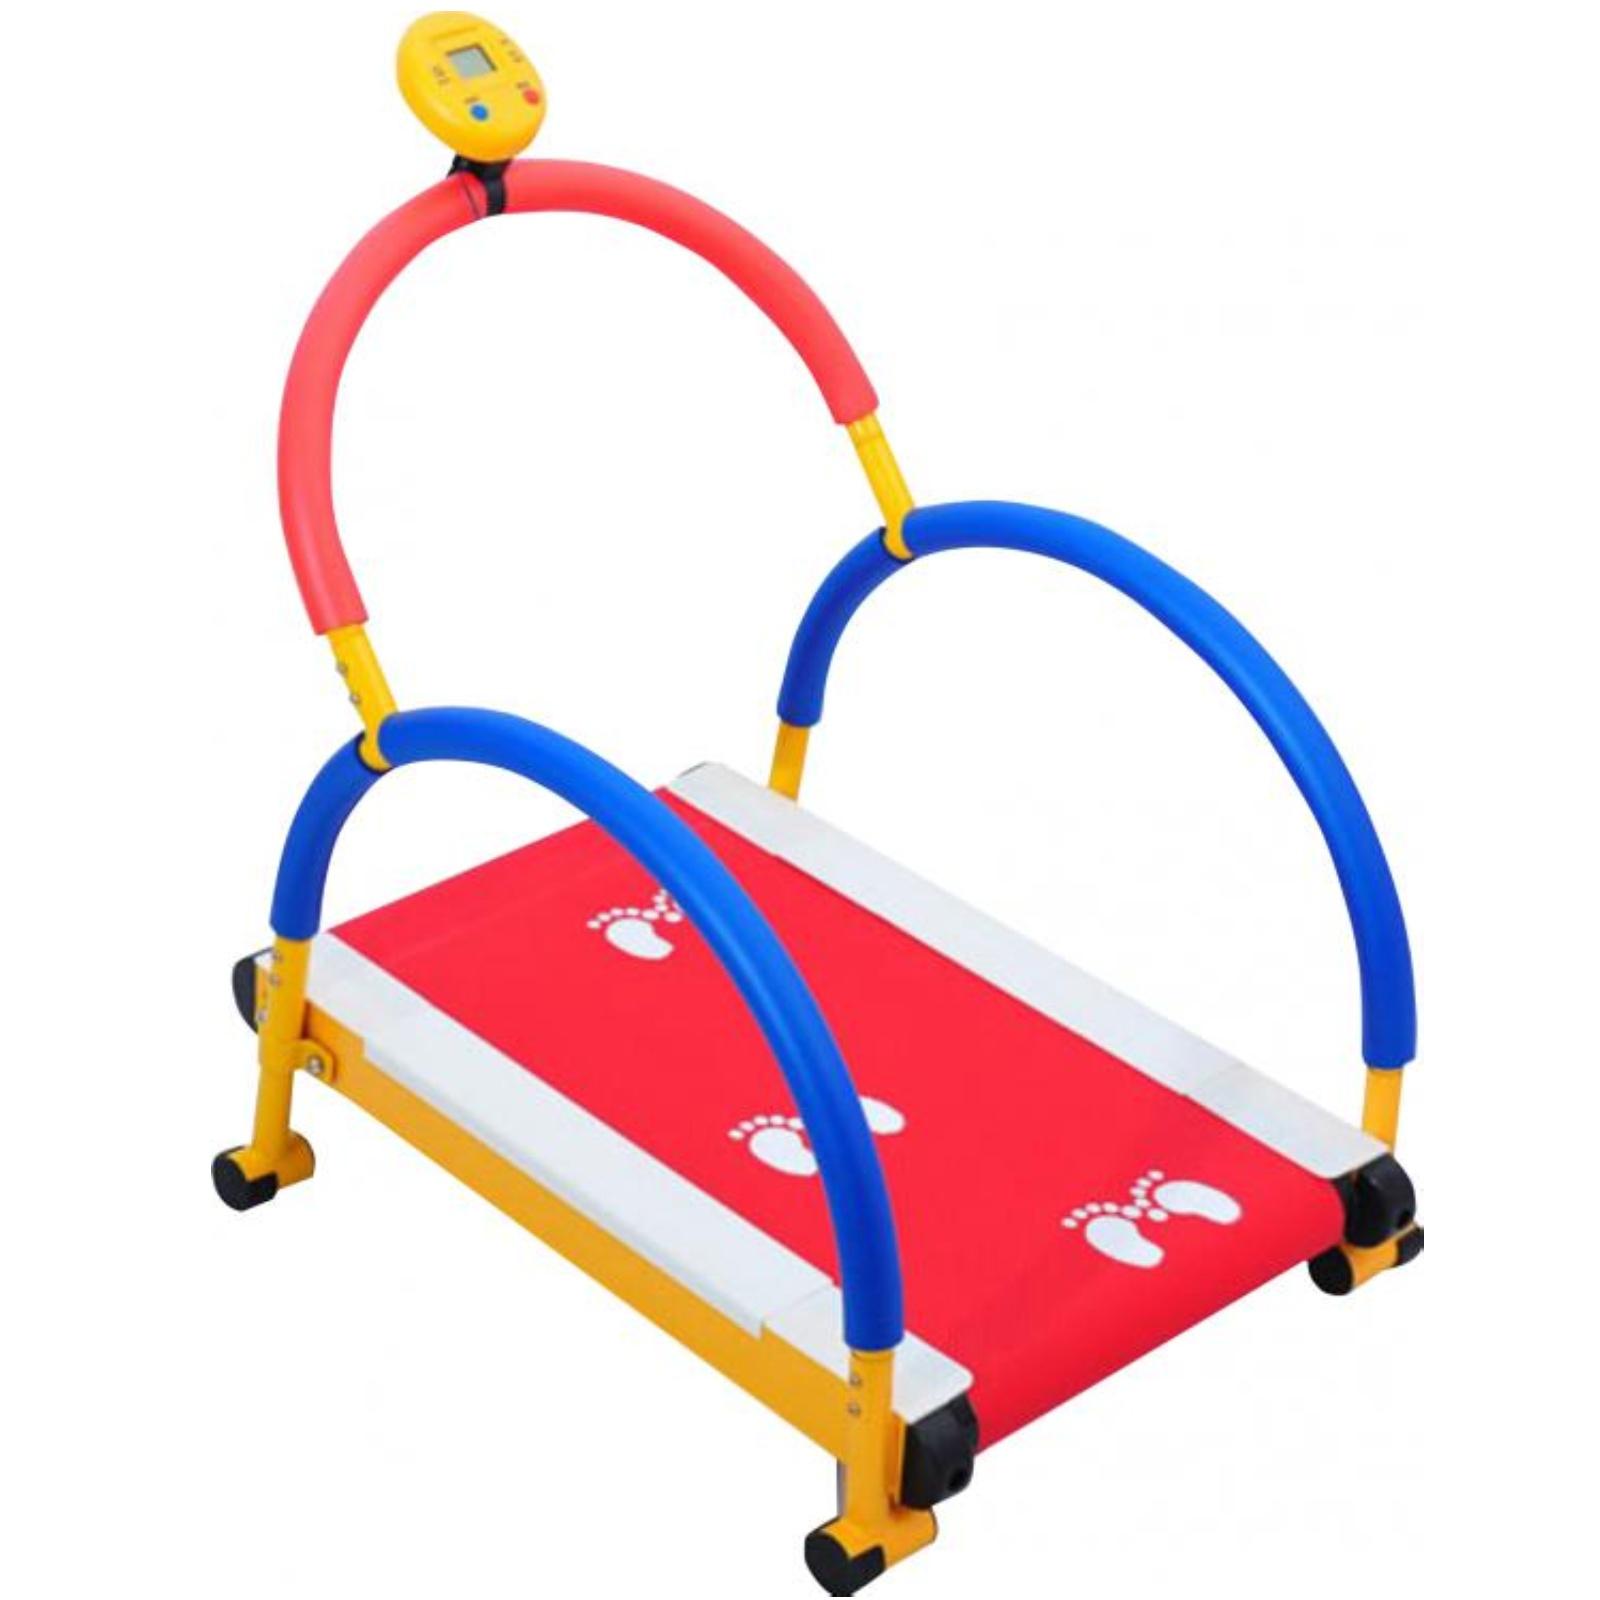 Běžecký pás pro děti SEDCO FT01